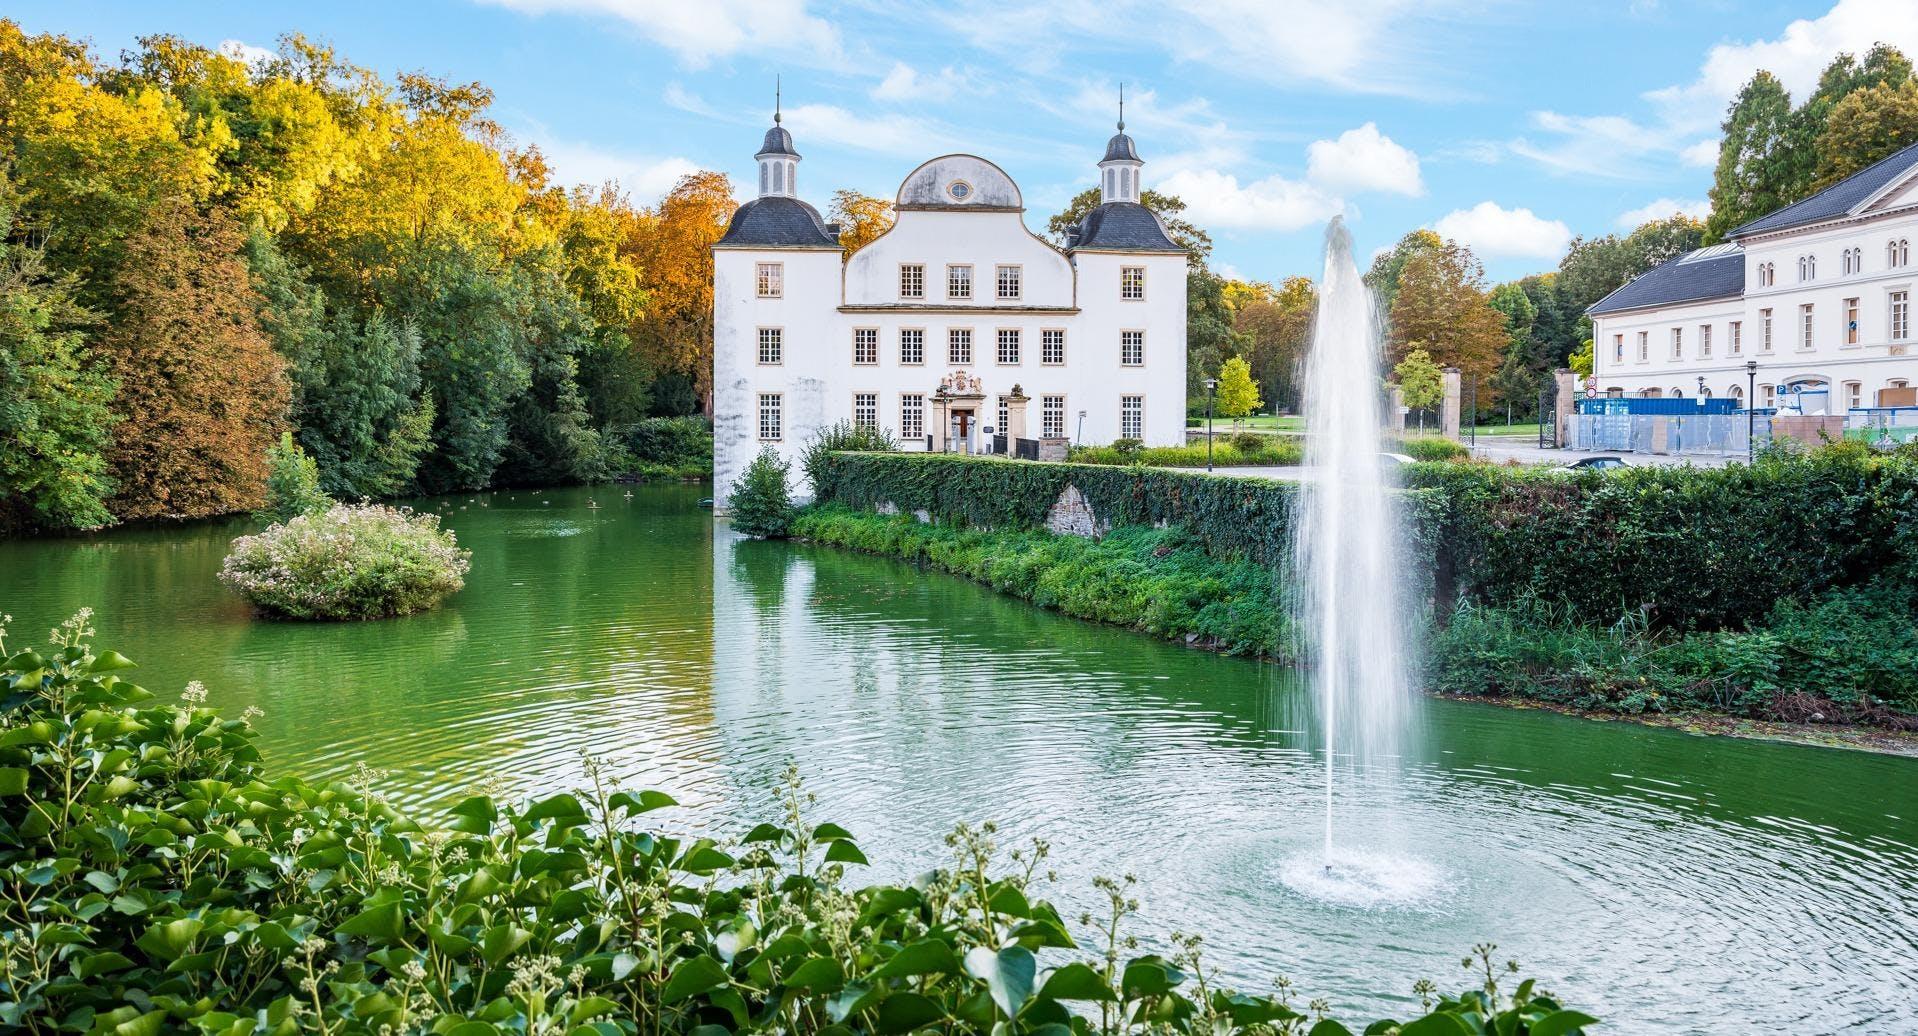 Zur Münze auf Schloss Borbeck Essen image 2